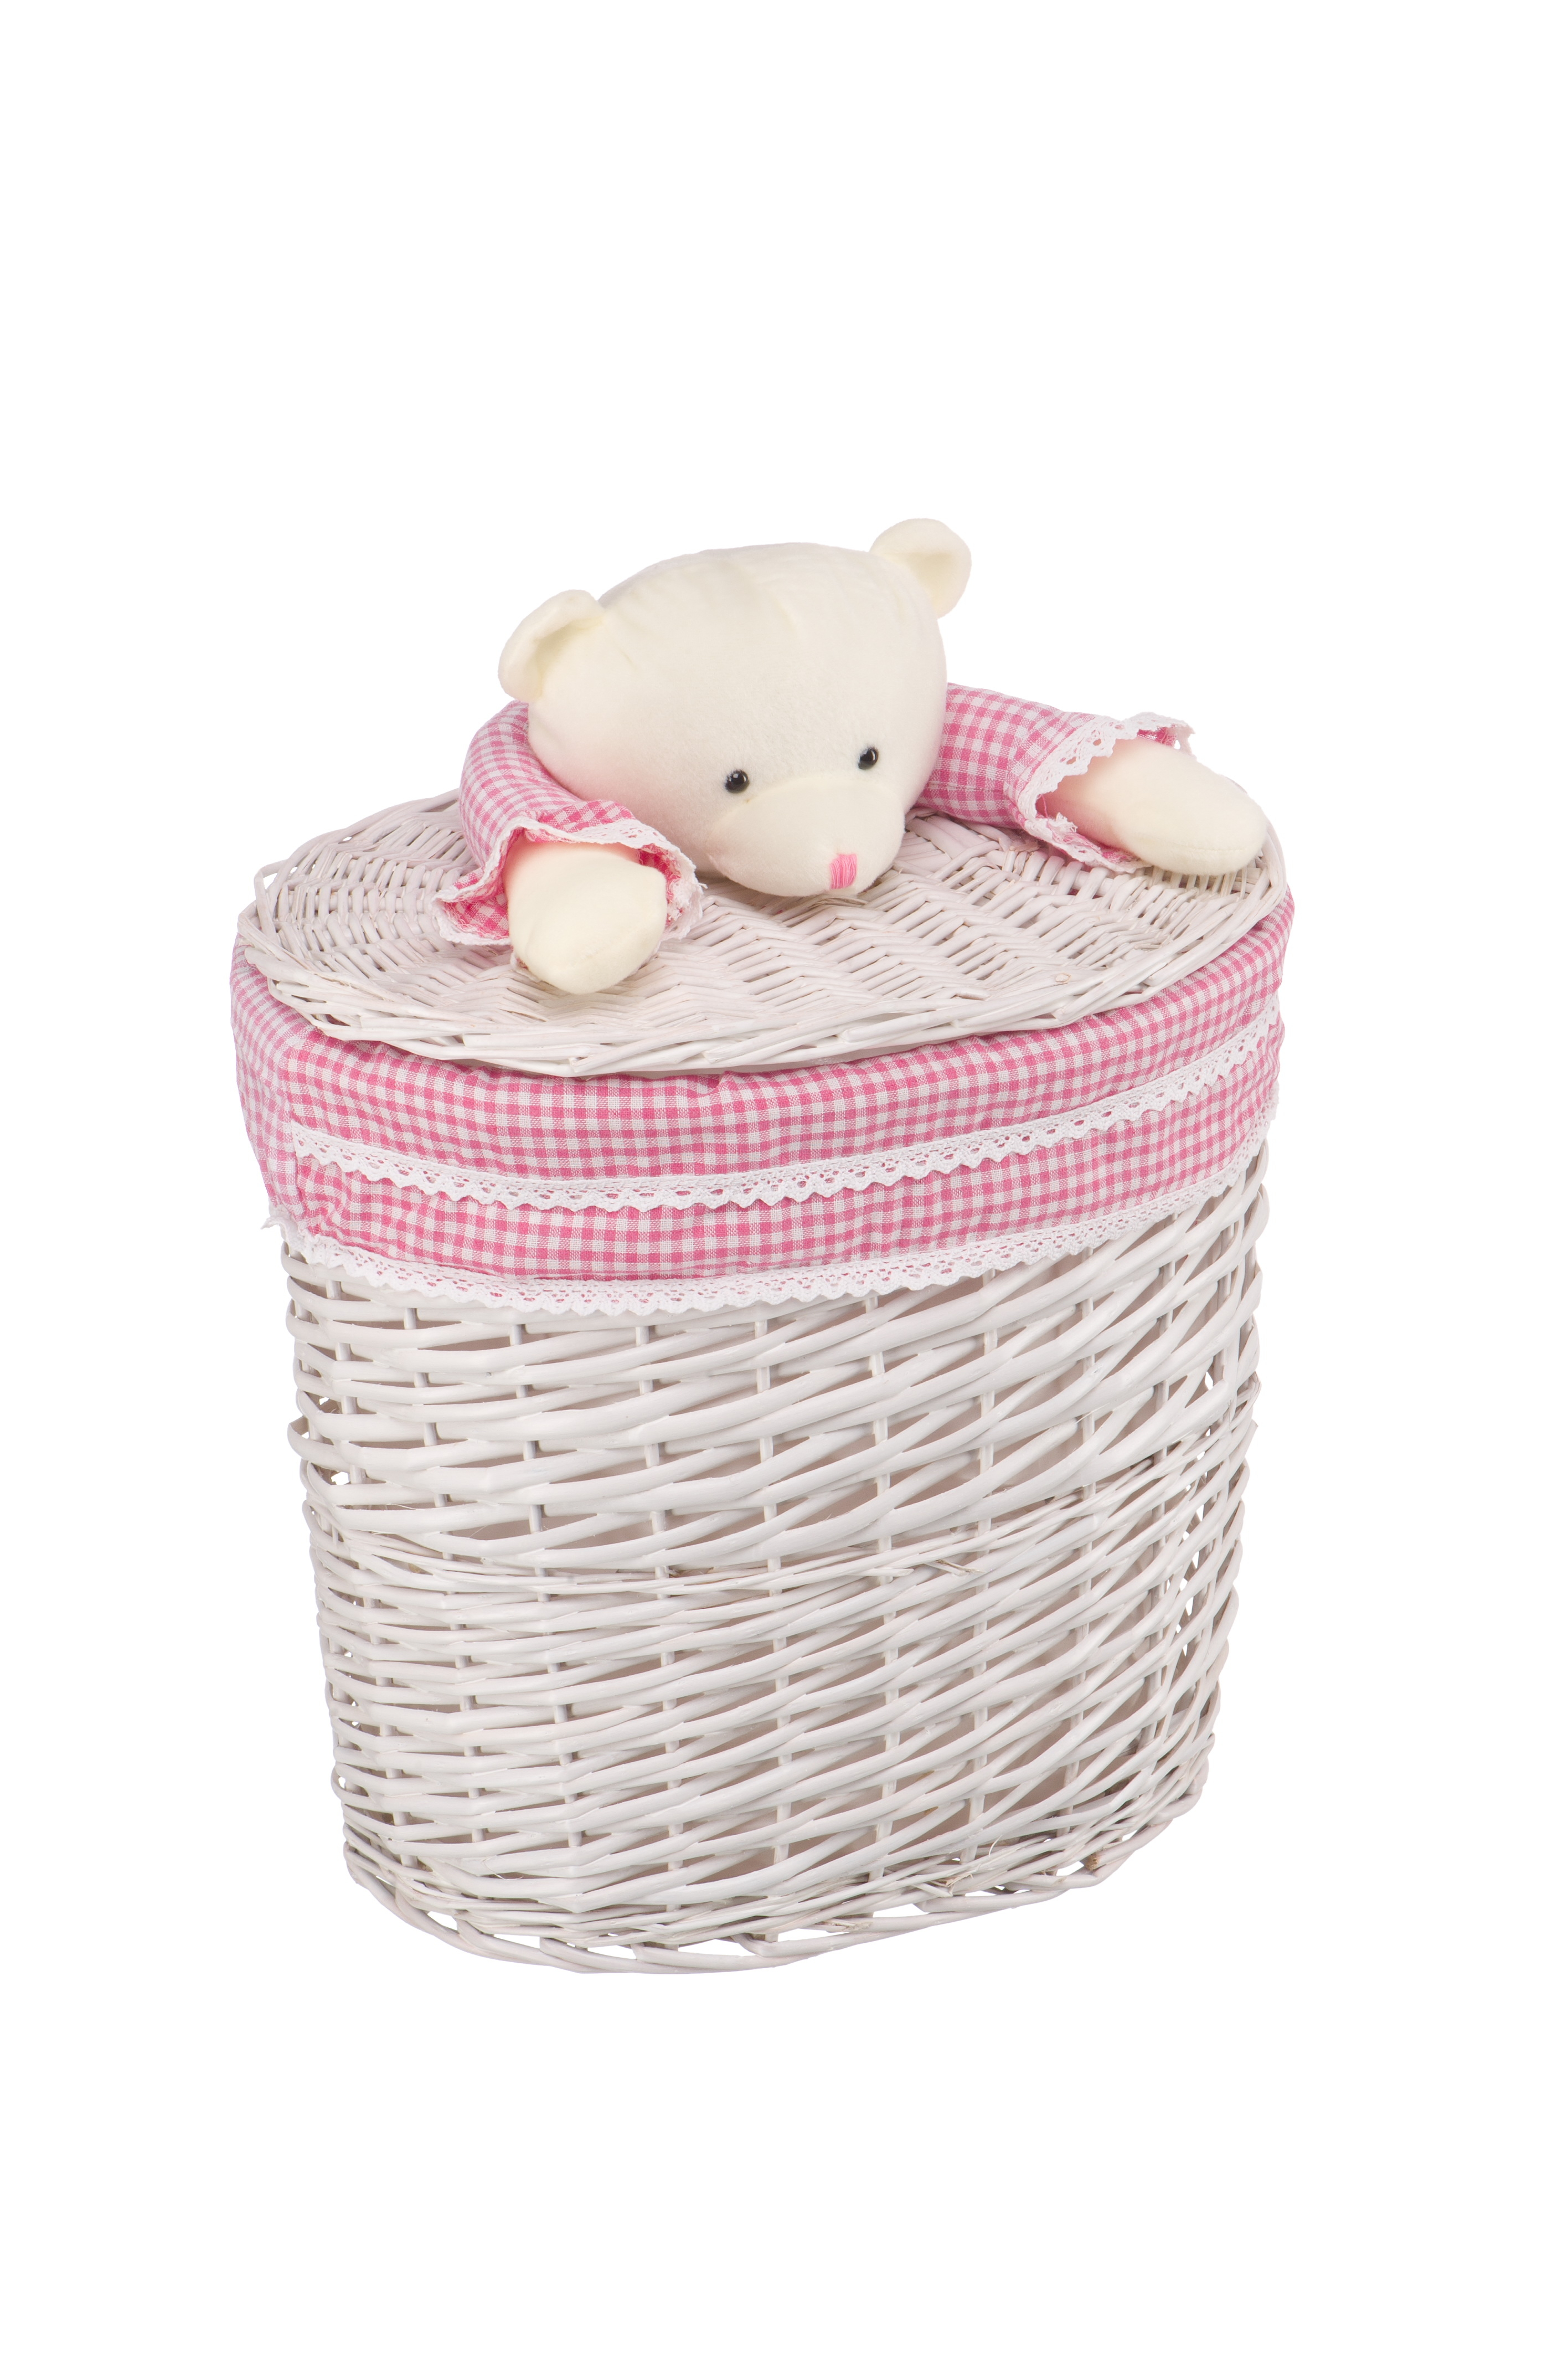 Ящики и корзины для игрушек Natural House Корзина Natural House «Медвежонок розовый» ива M молочный teak house корзина для белья bubble